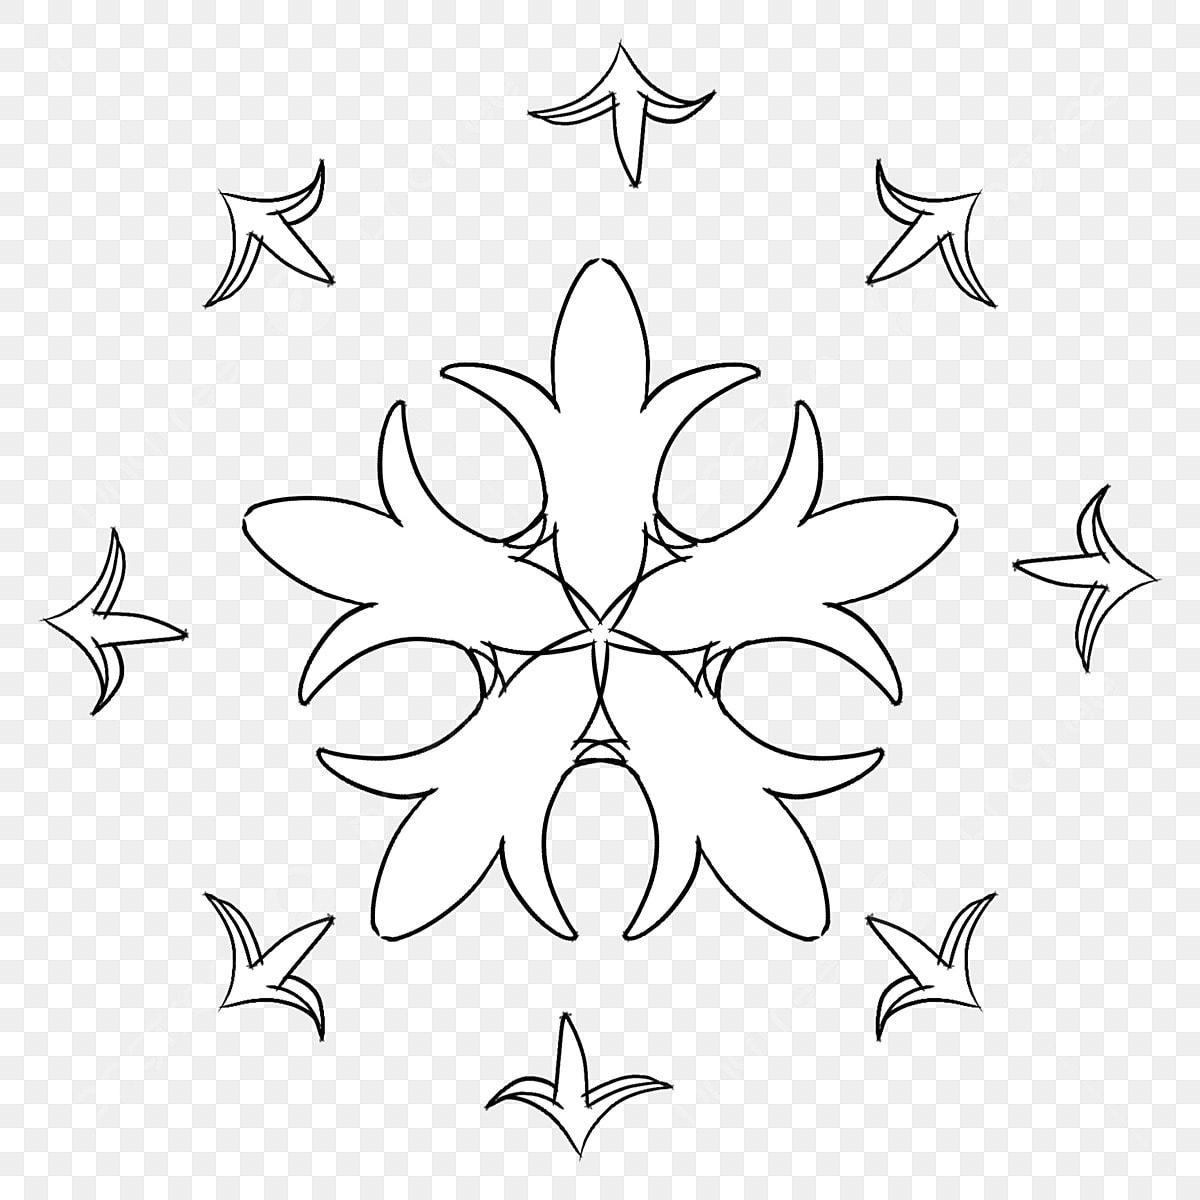 Noir Et Blanc Dessin Au Trait Tatouage Illustration Dessin